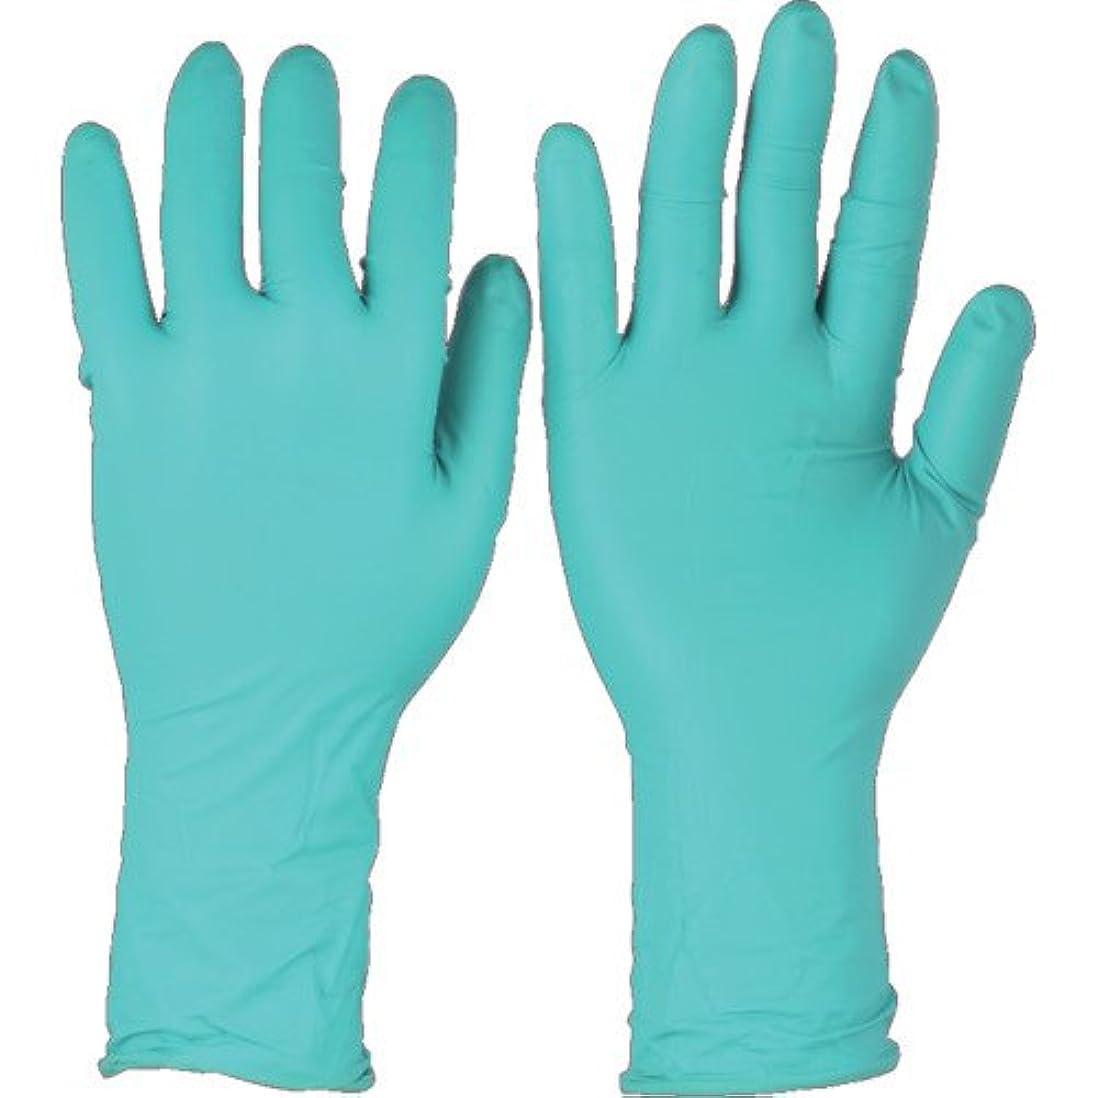 パイロットルアー盲目トラスコ中山 アンセル ネオプレンゴム使い捨て手袋 マイクロフレックス 93-260 Lサイズ (50枚入)  932609